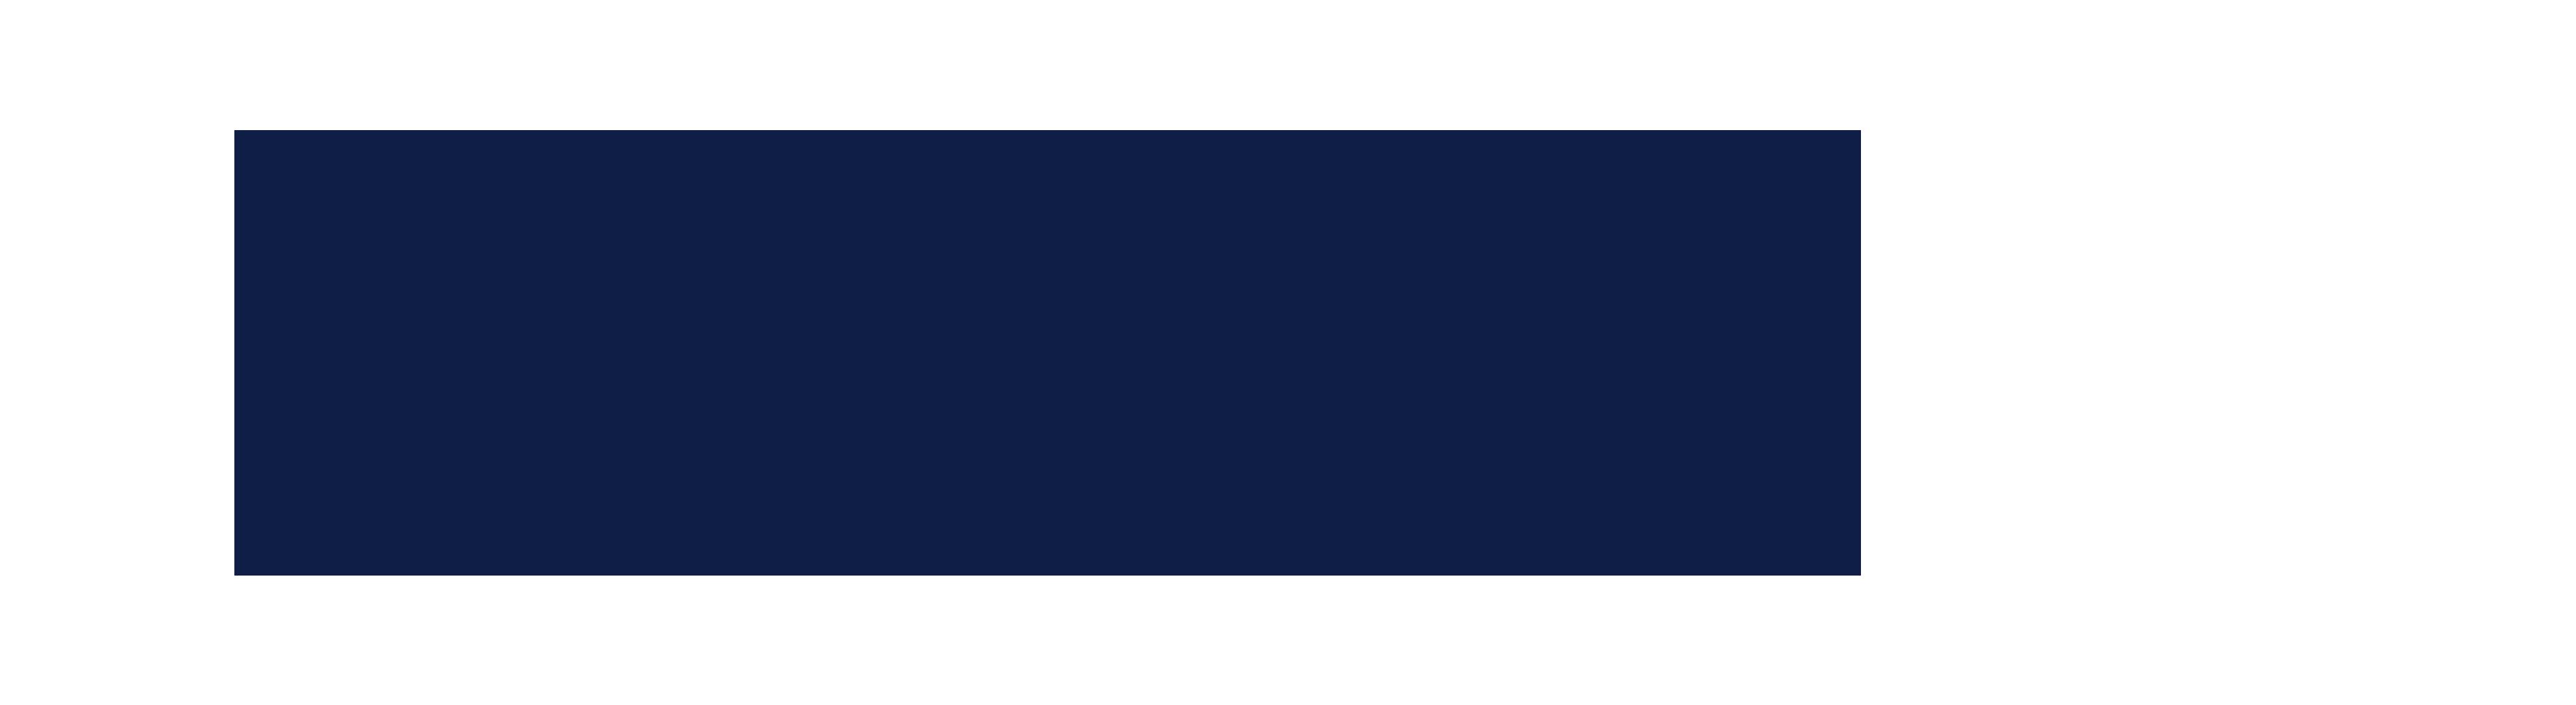 HF-Rohrtechnik GmbH | Held & Francke